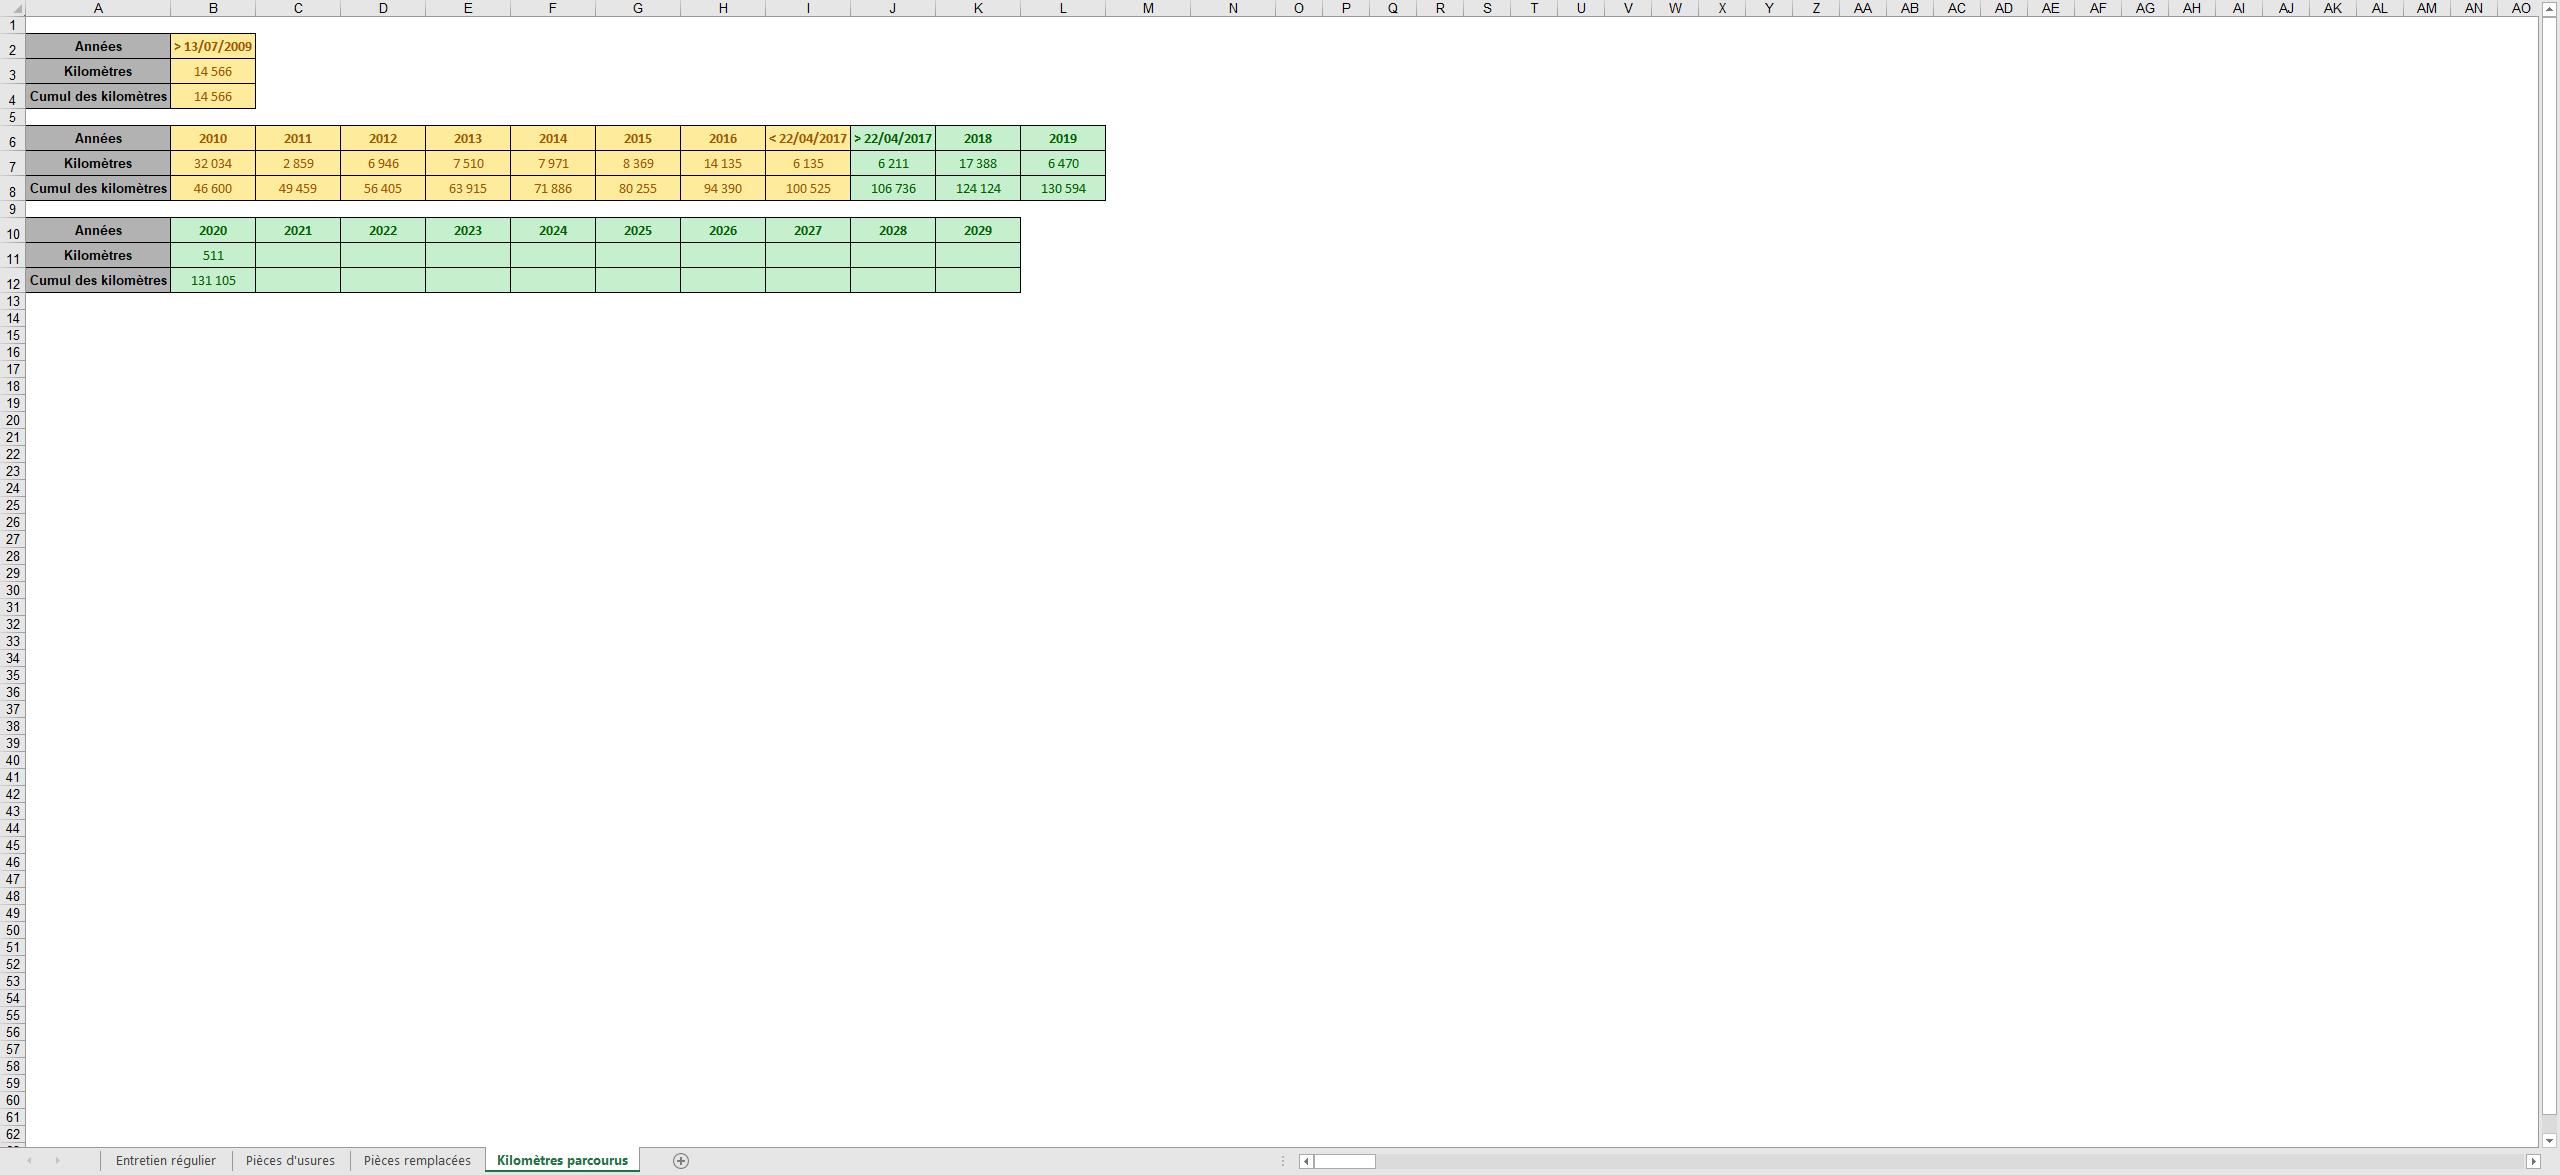 [Entretiens et améliorations] Audi TT RS MK2 - Page 3 475321664_Feuillen4.png.ae2b49b9f97c8a99138fef810206cee0